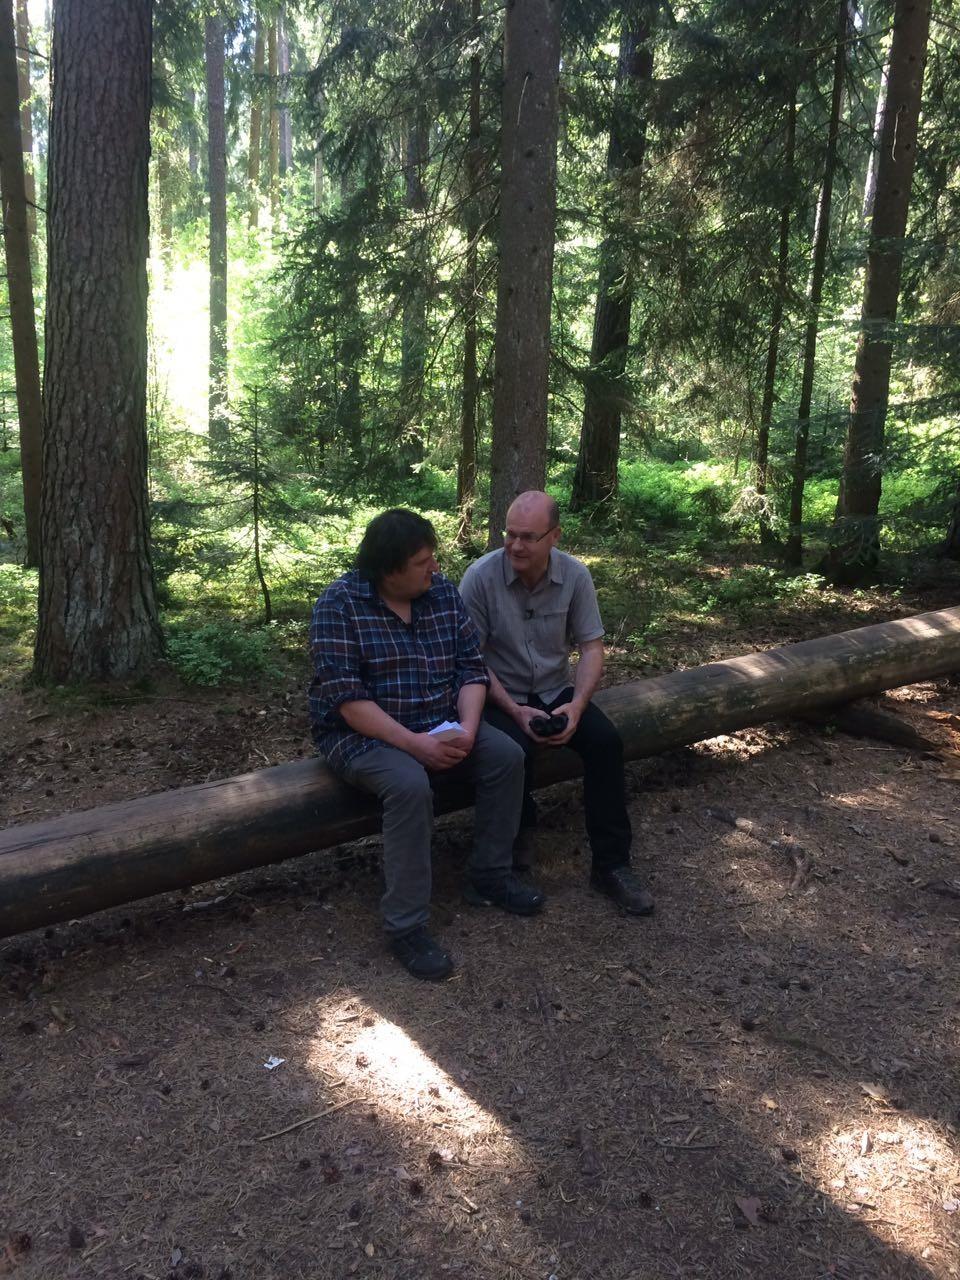 Robert und Norbert Schäffer vom LBV sitzen auf einem Baumstamm und unterhalten sich